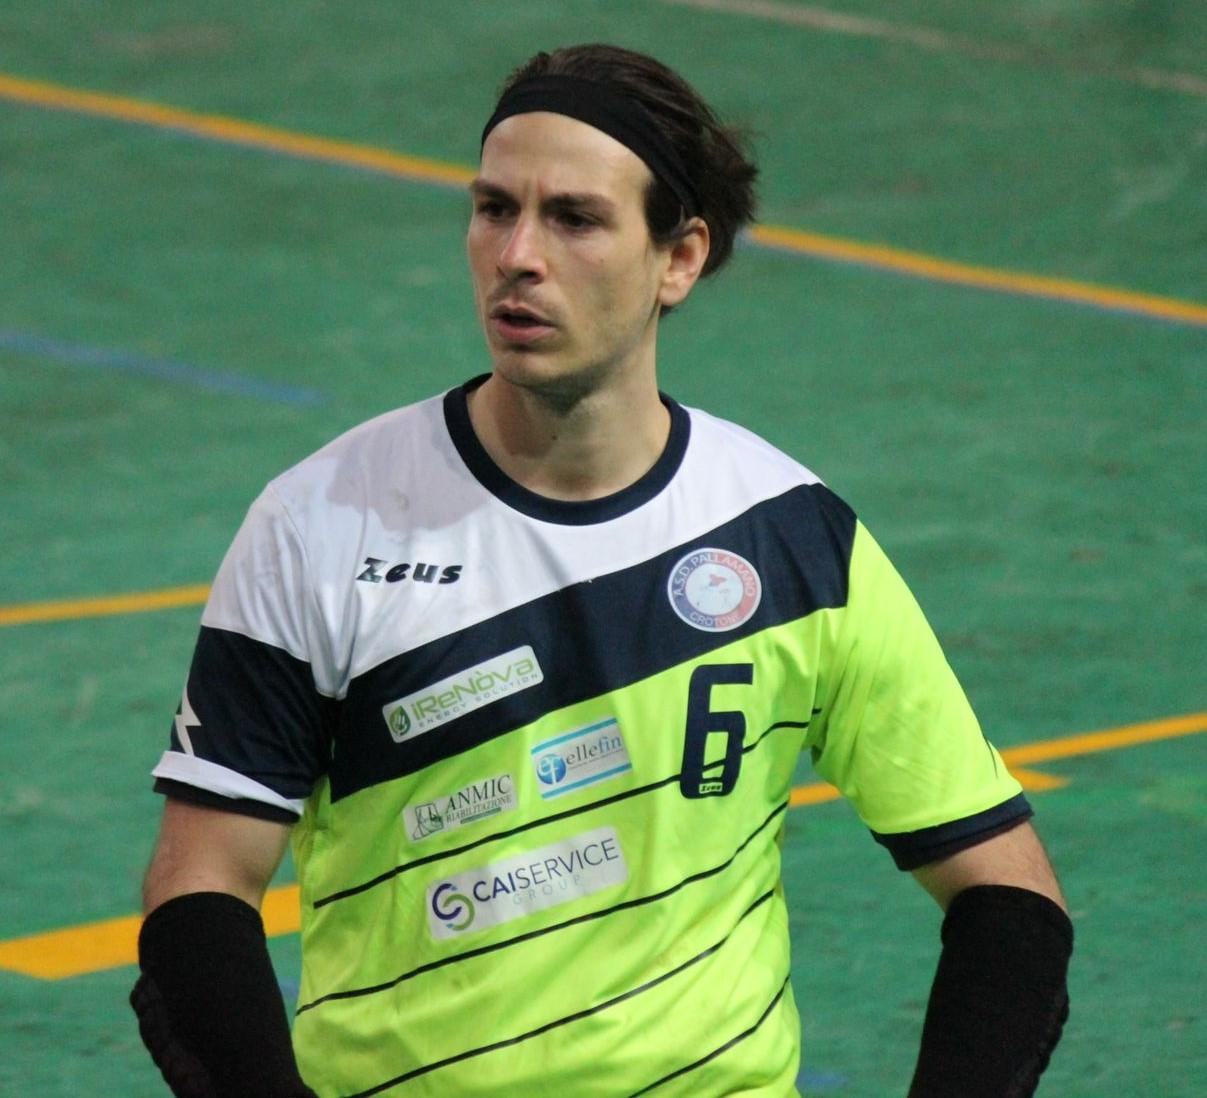 Il capitano Daniele Gentile - Pallamano Crotone